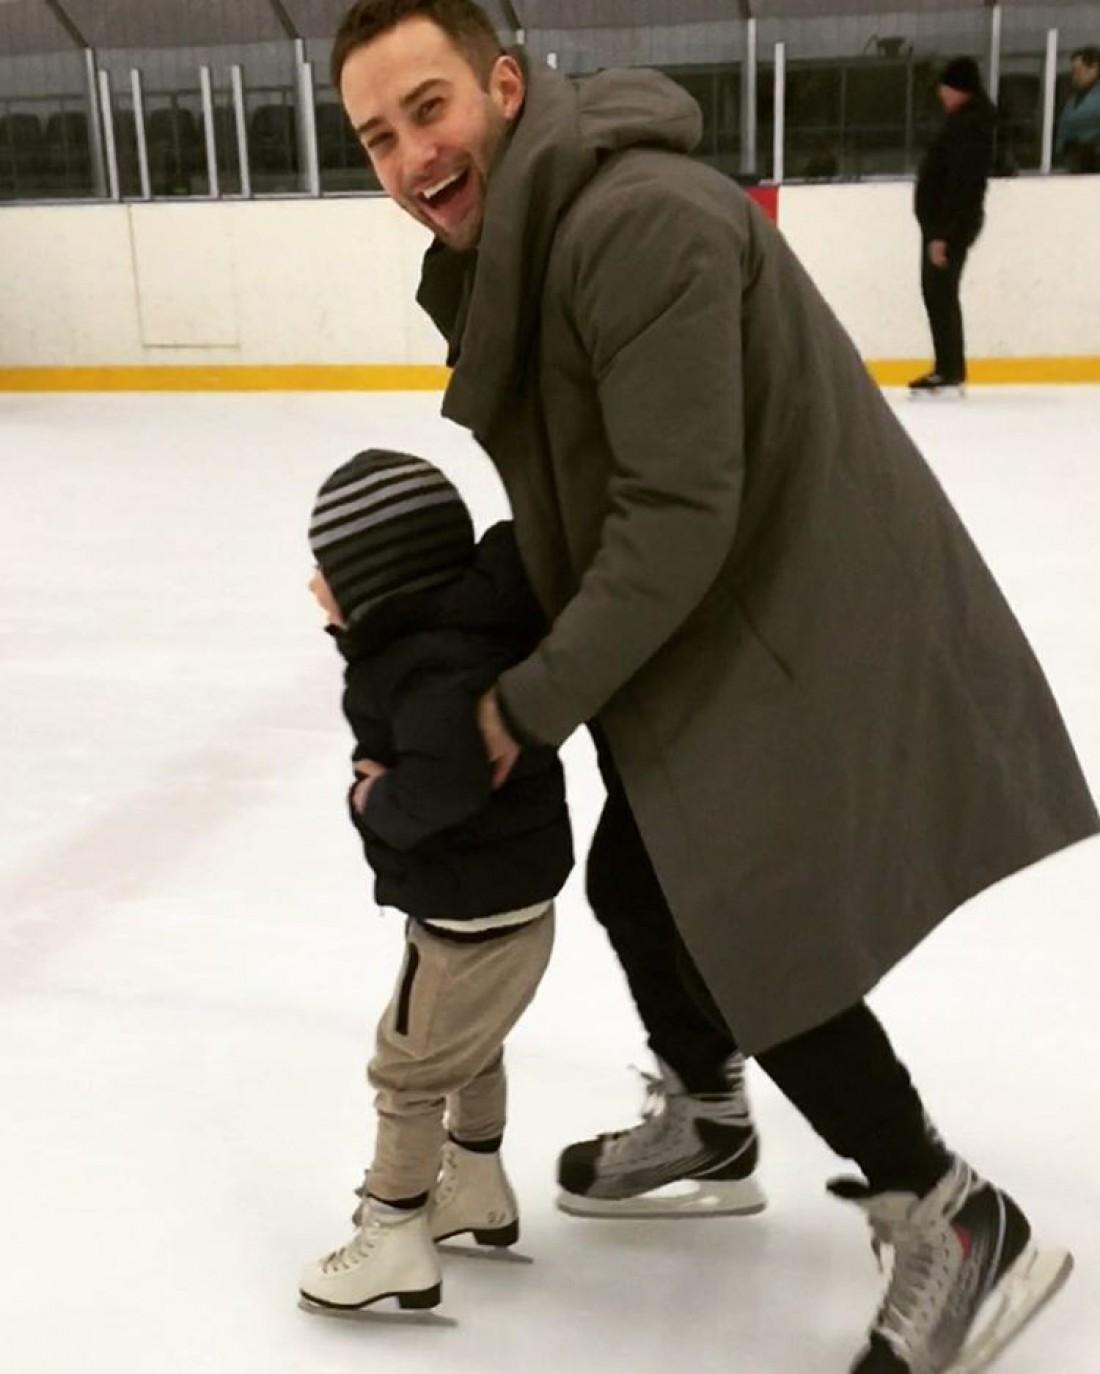 Шепелев с сыном катается на коньках